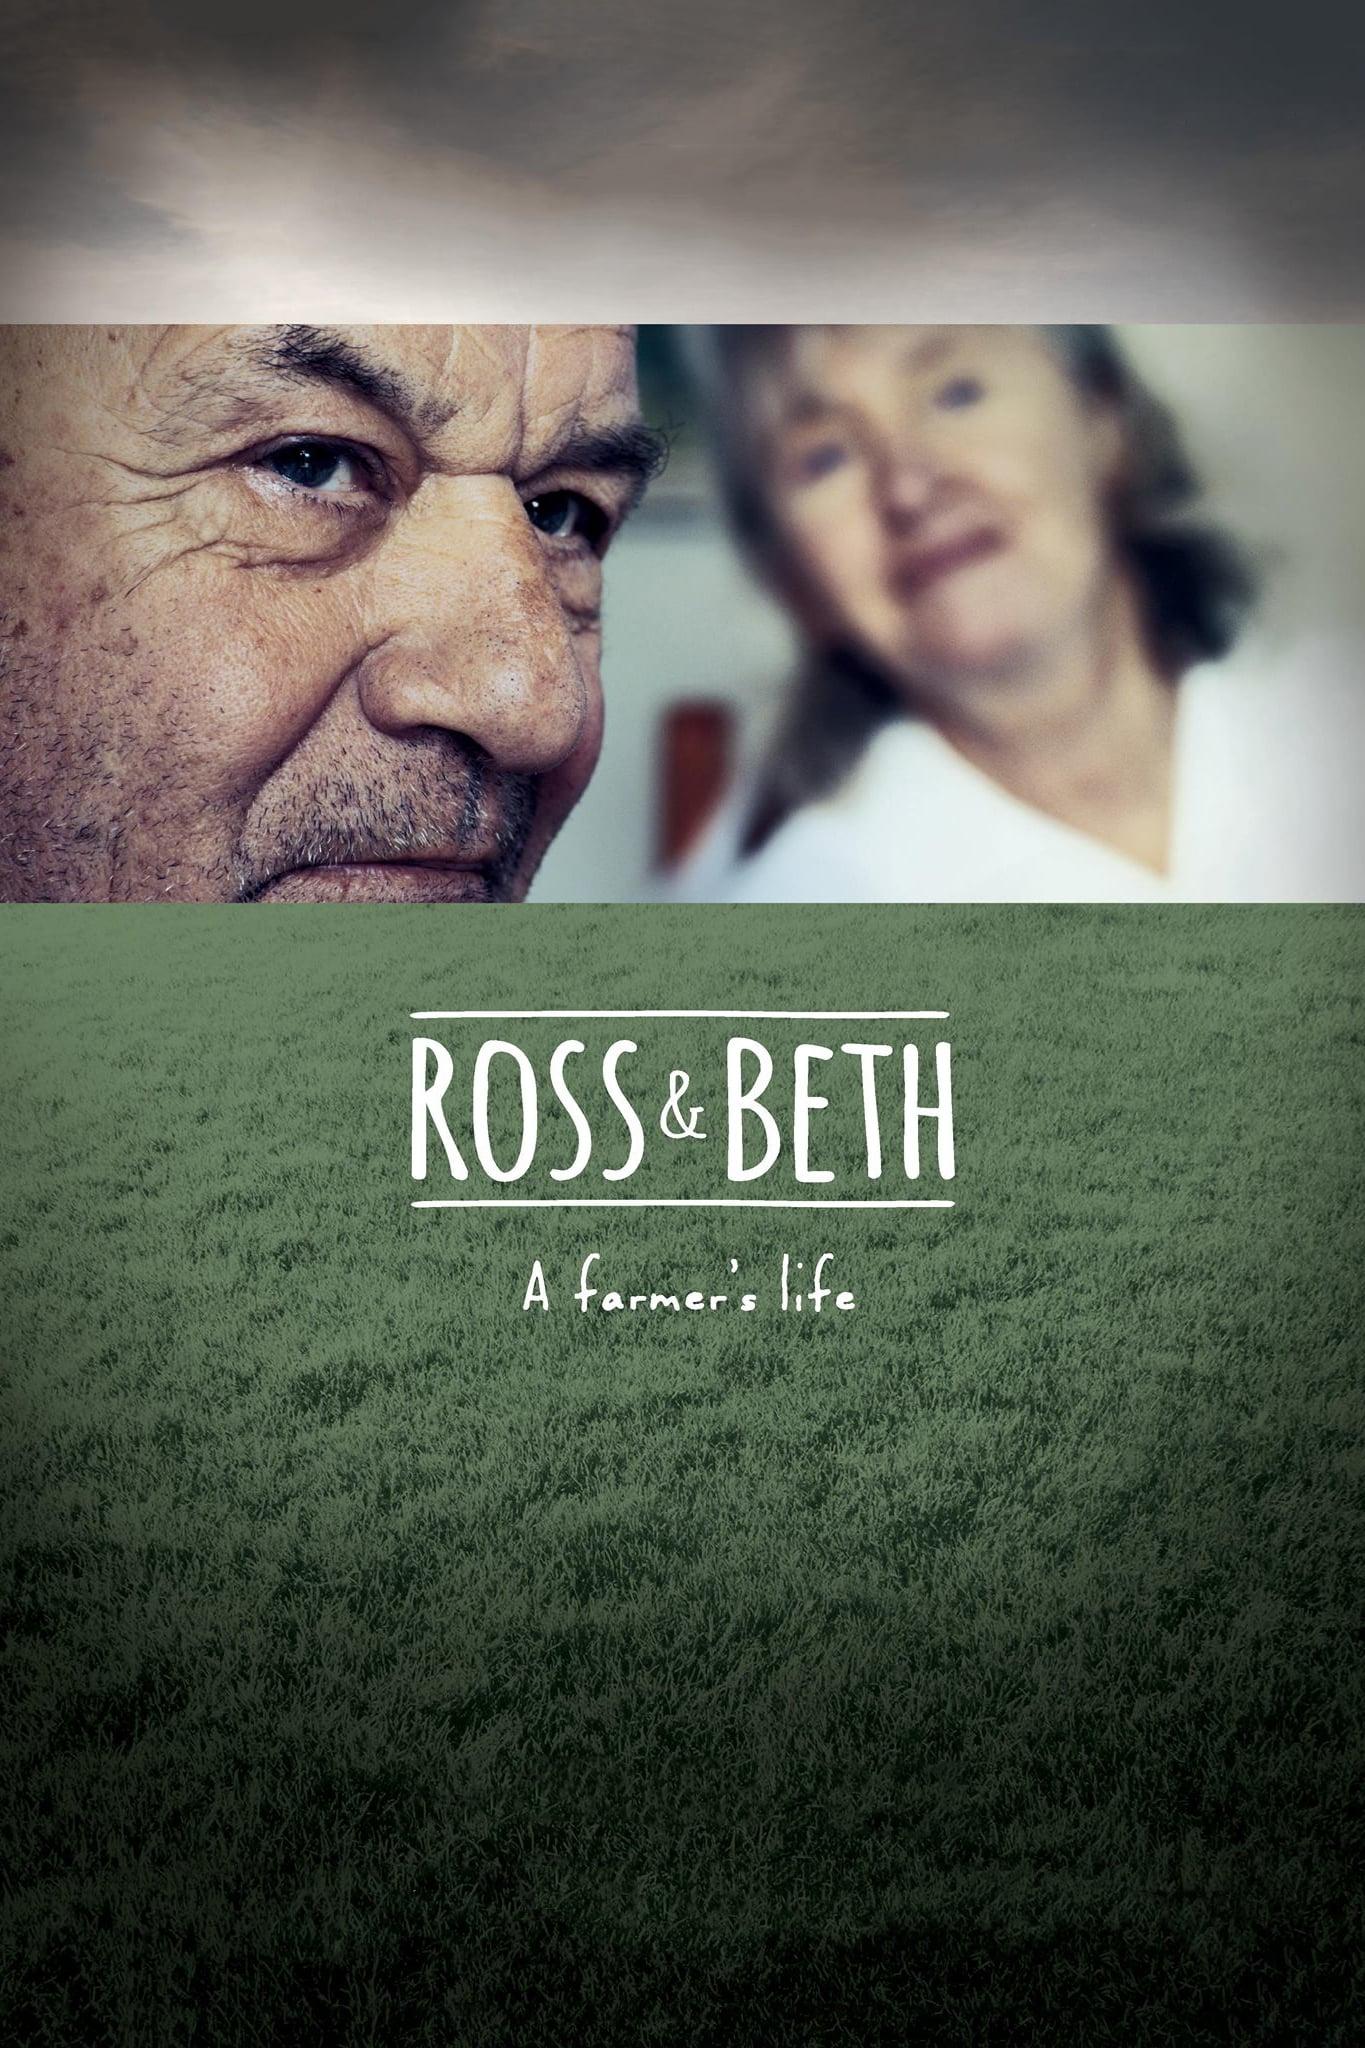 Ross & Beth